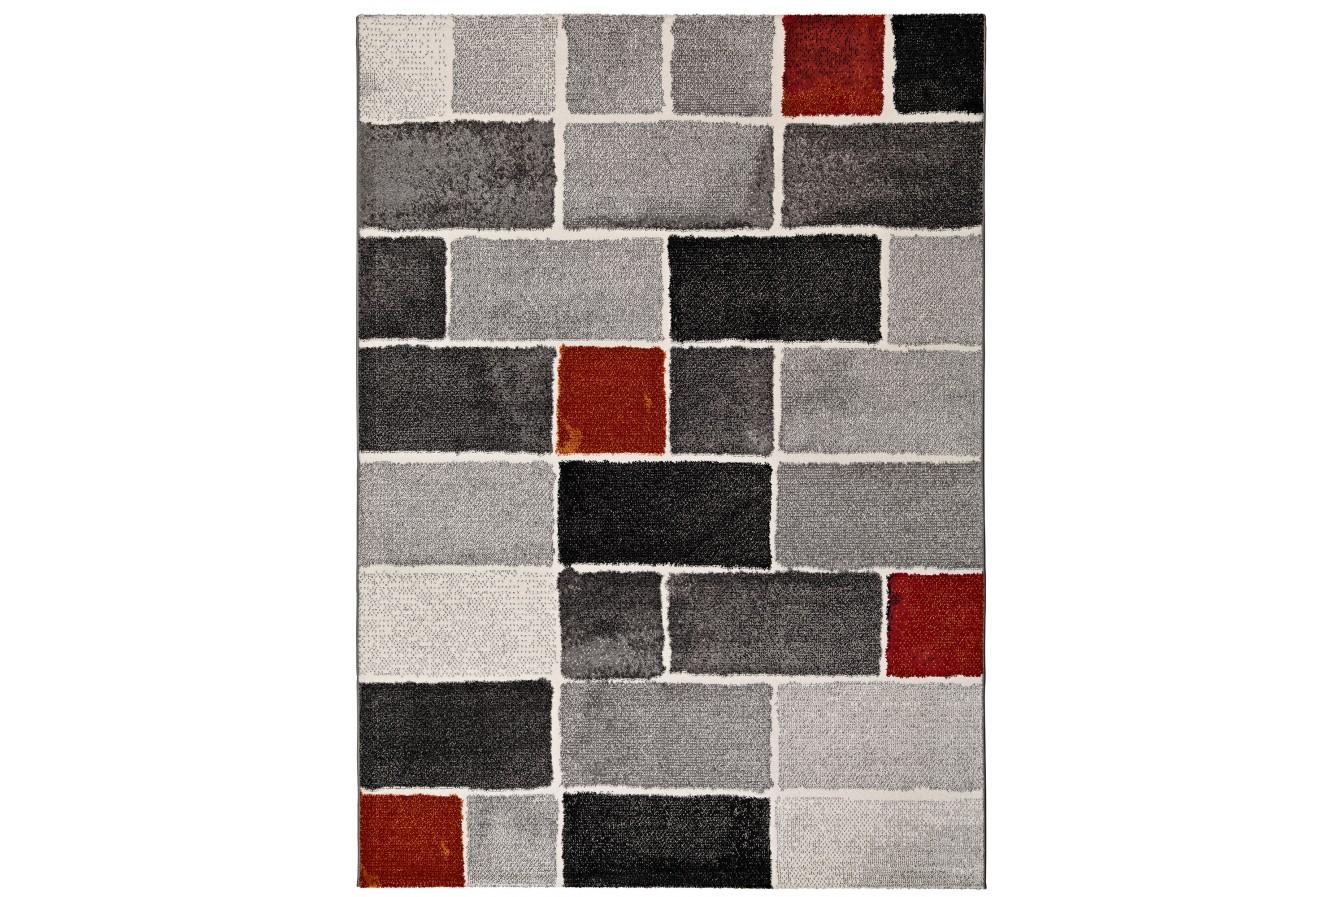 Modne Geometryczne Panele Szaro-Czerwony Dywan Universal Lucy 25004 14 Gris